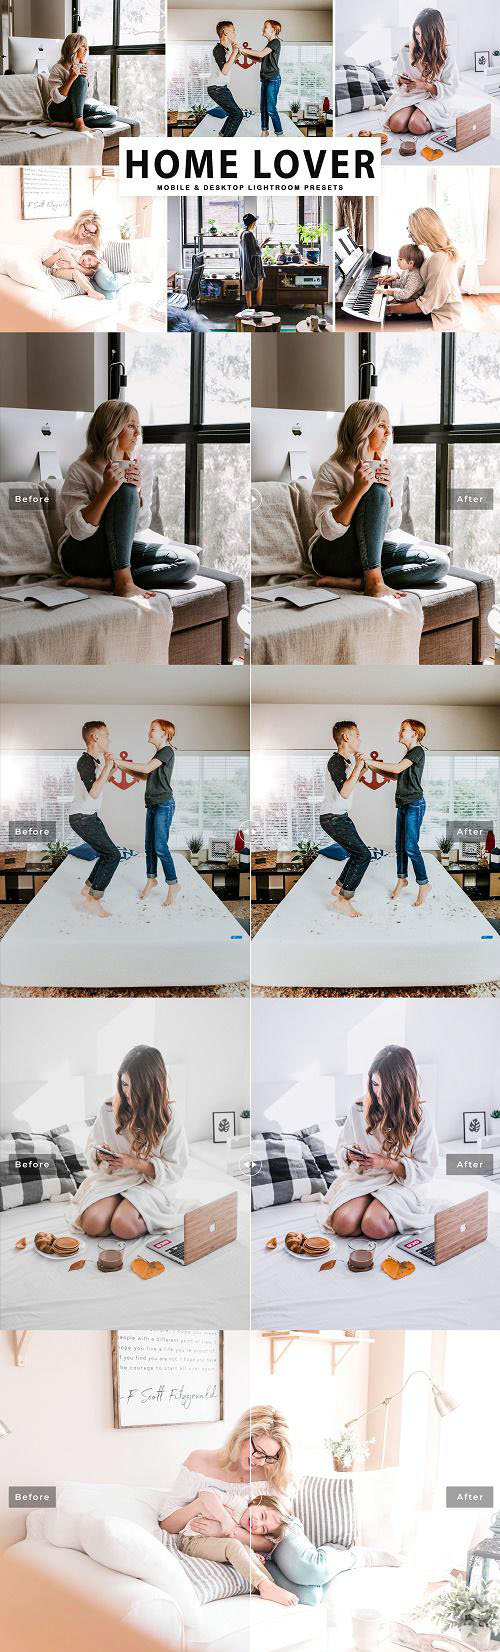 Home Lover Pro Lightroom Presets - 4050885